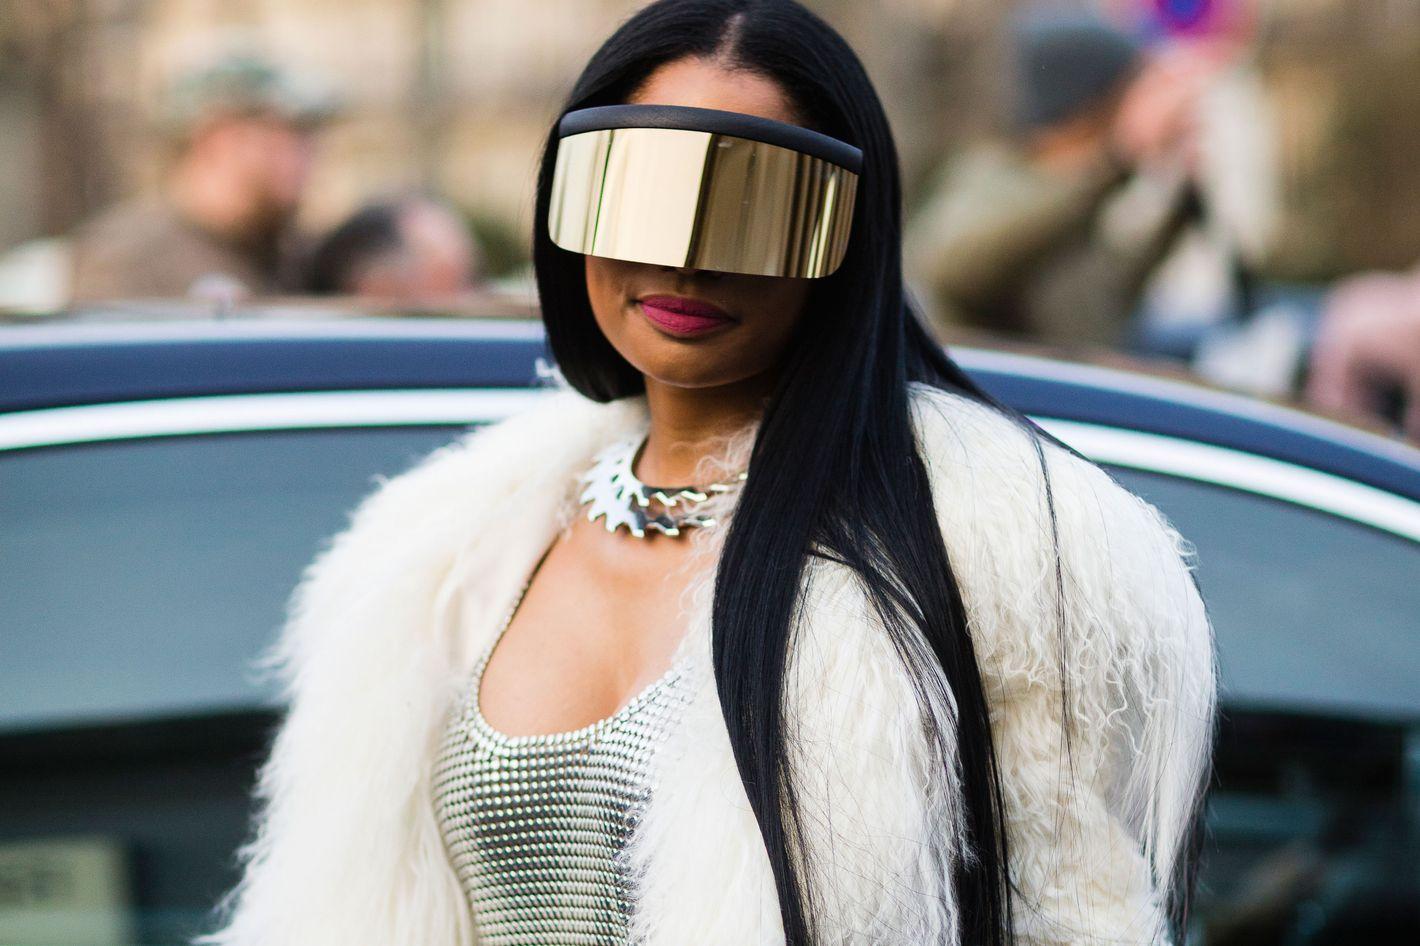 1e3a5ad830 Nicki Minaj Attends the Rick Owens Show in Crazy Sunglasses